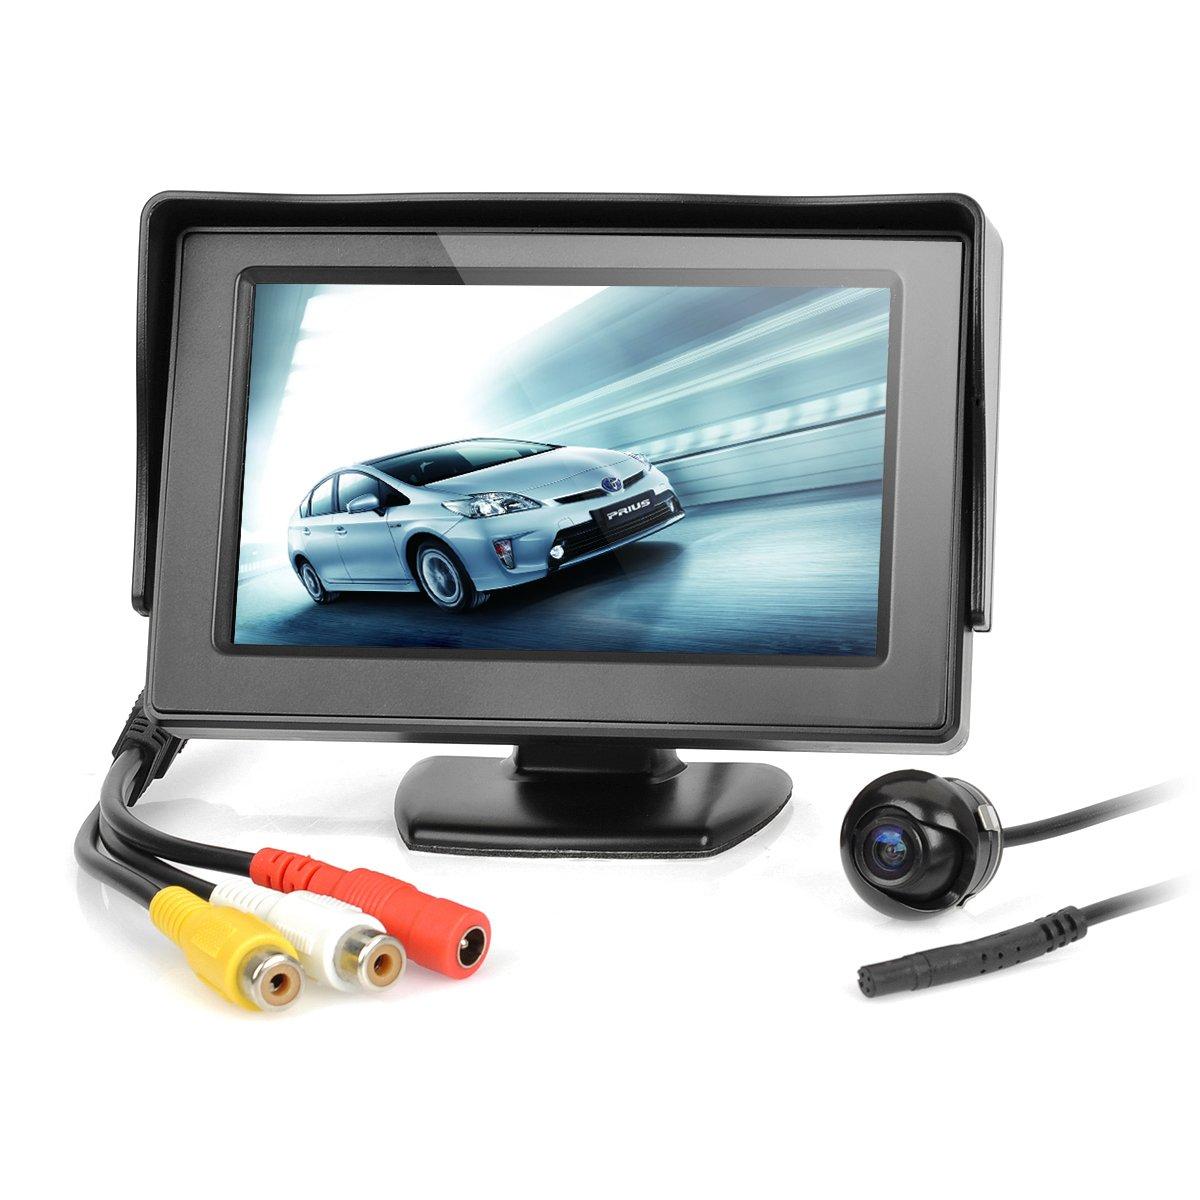 4.3インチTFT LCD車rear-viewスタンドセキュリティモニタとカメラキット – ブラック B0798BCYZQ